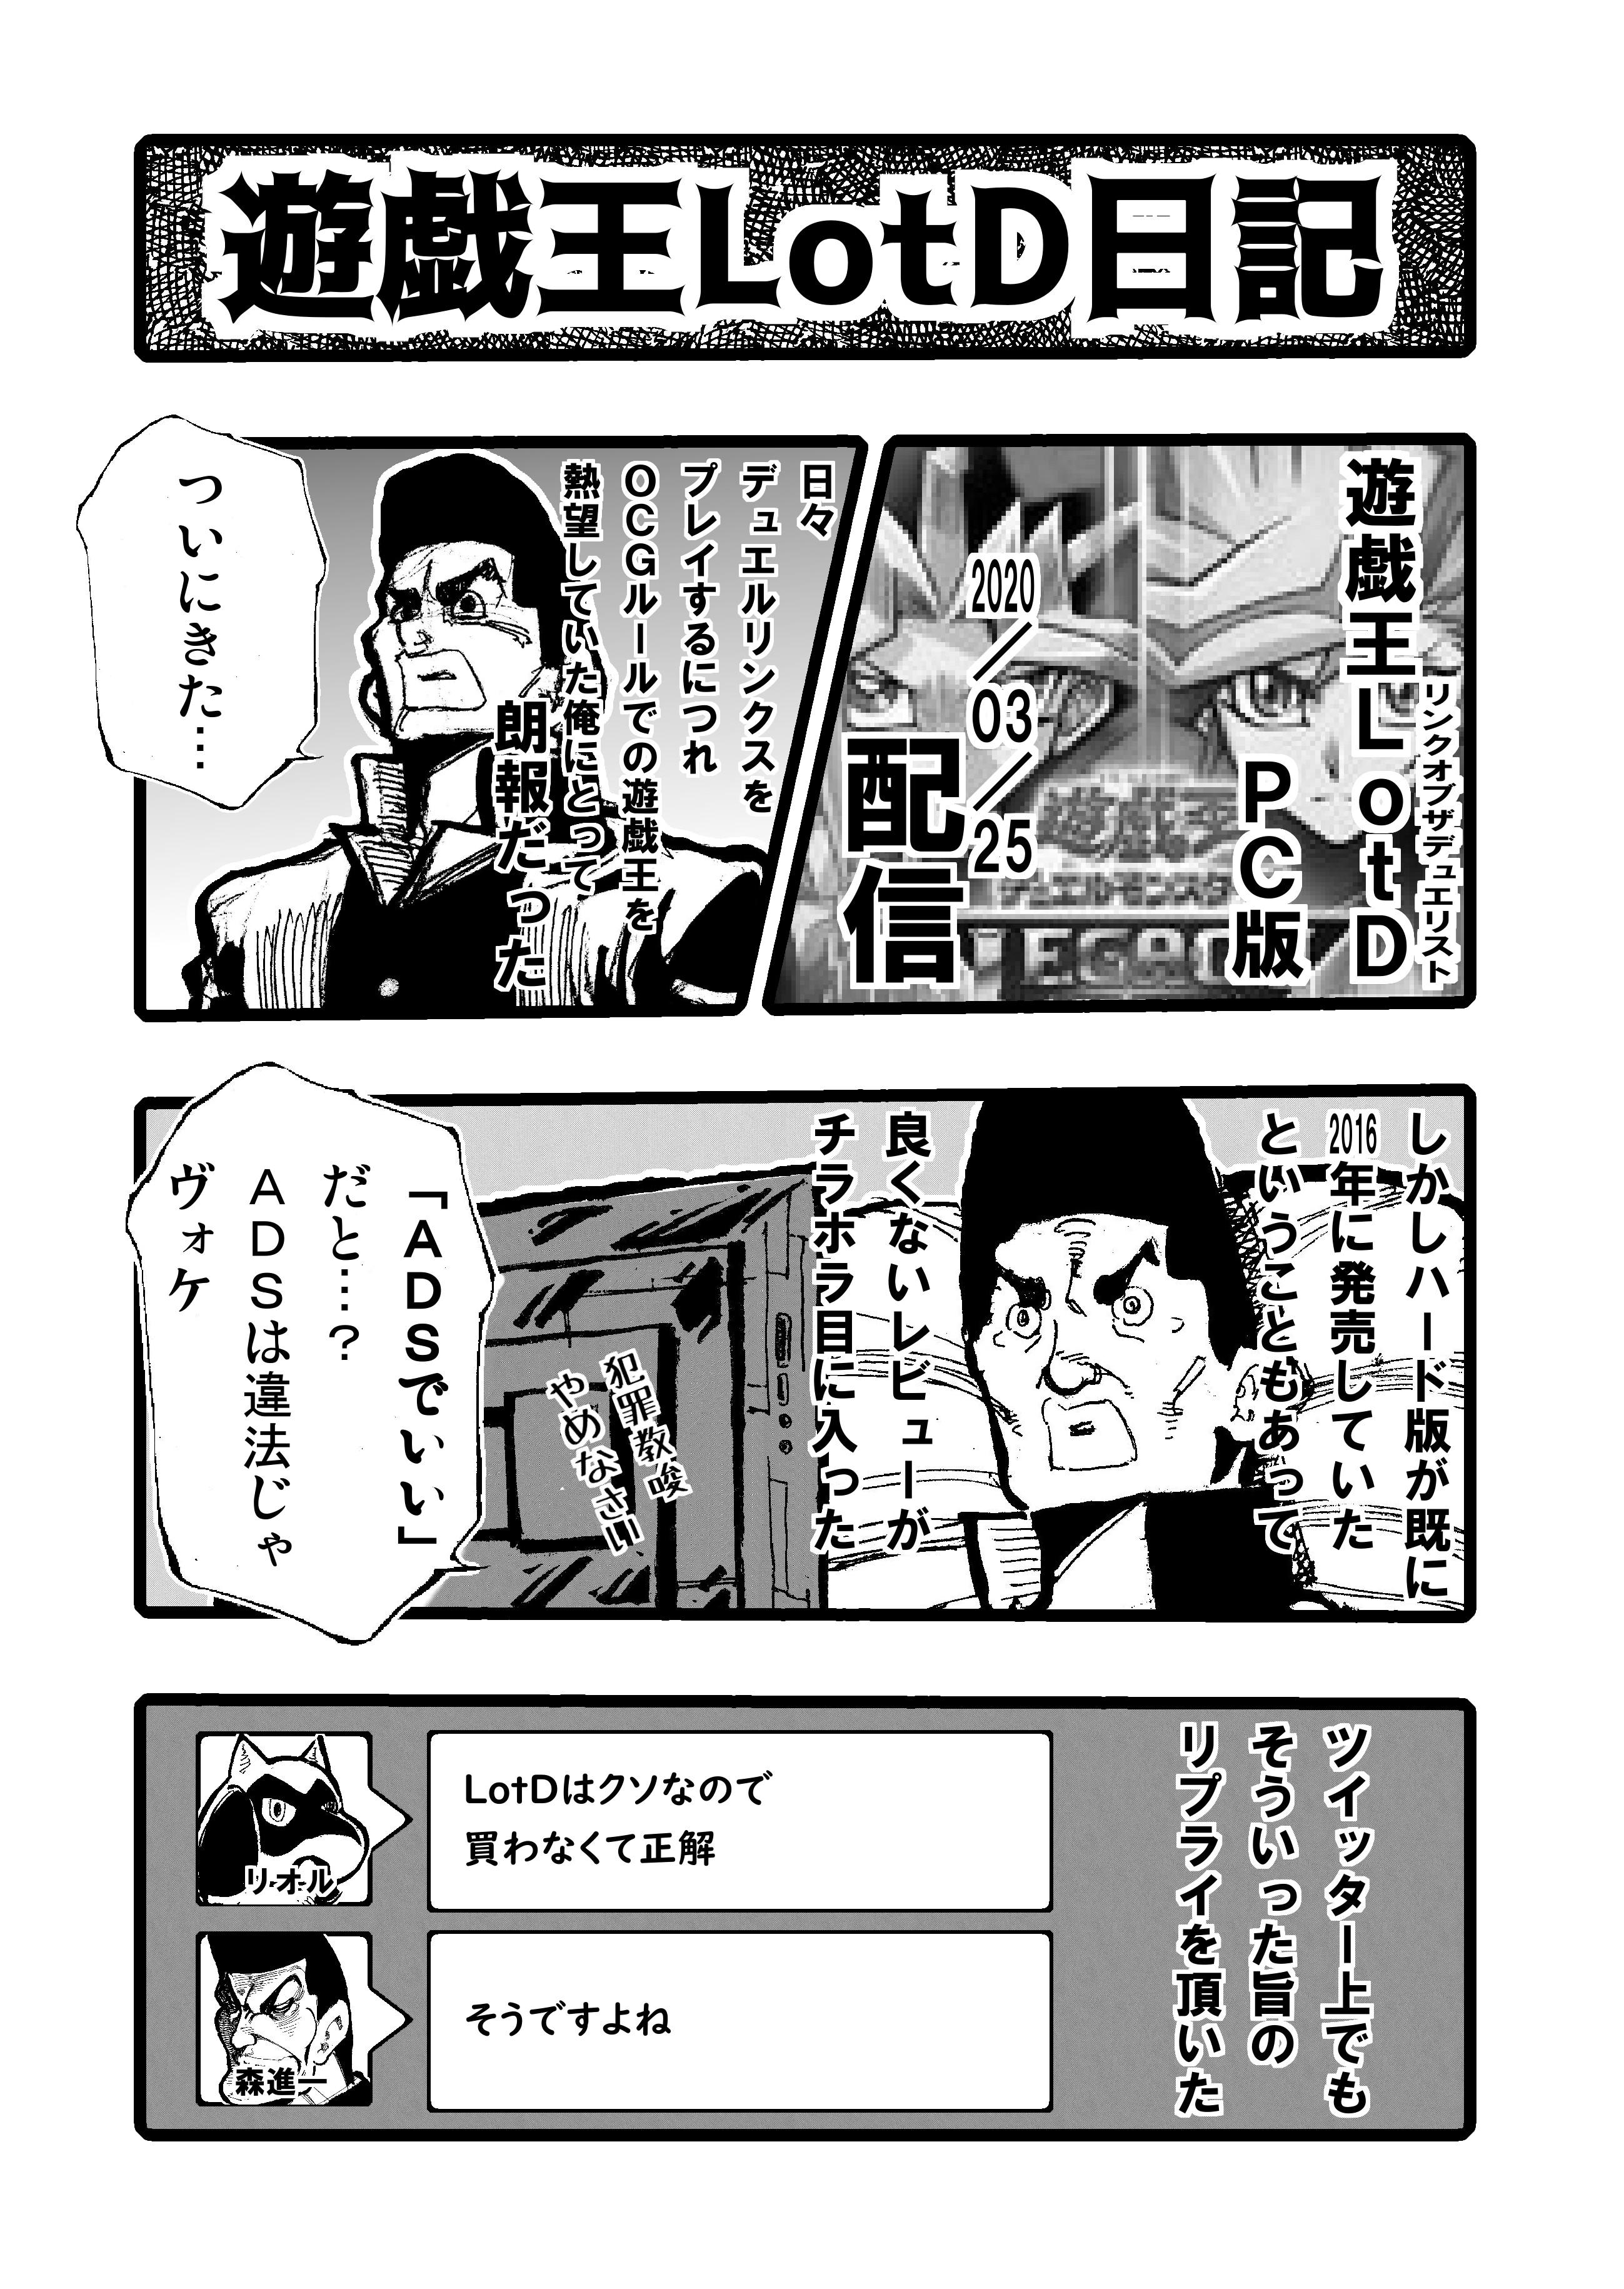 遊戯王LotD日記